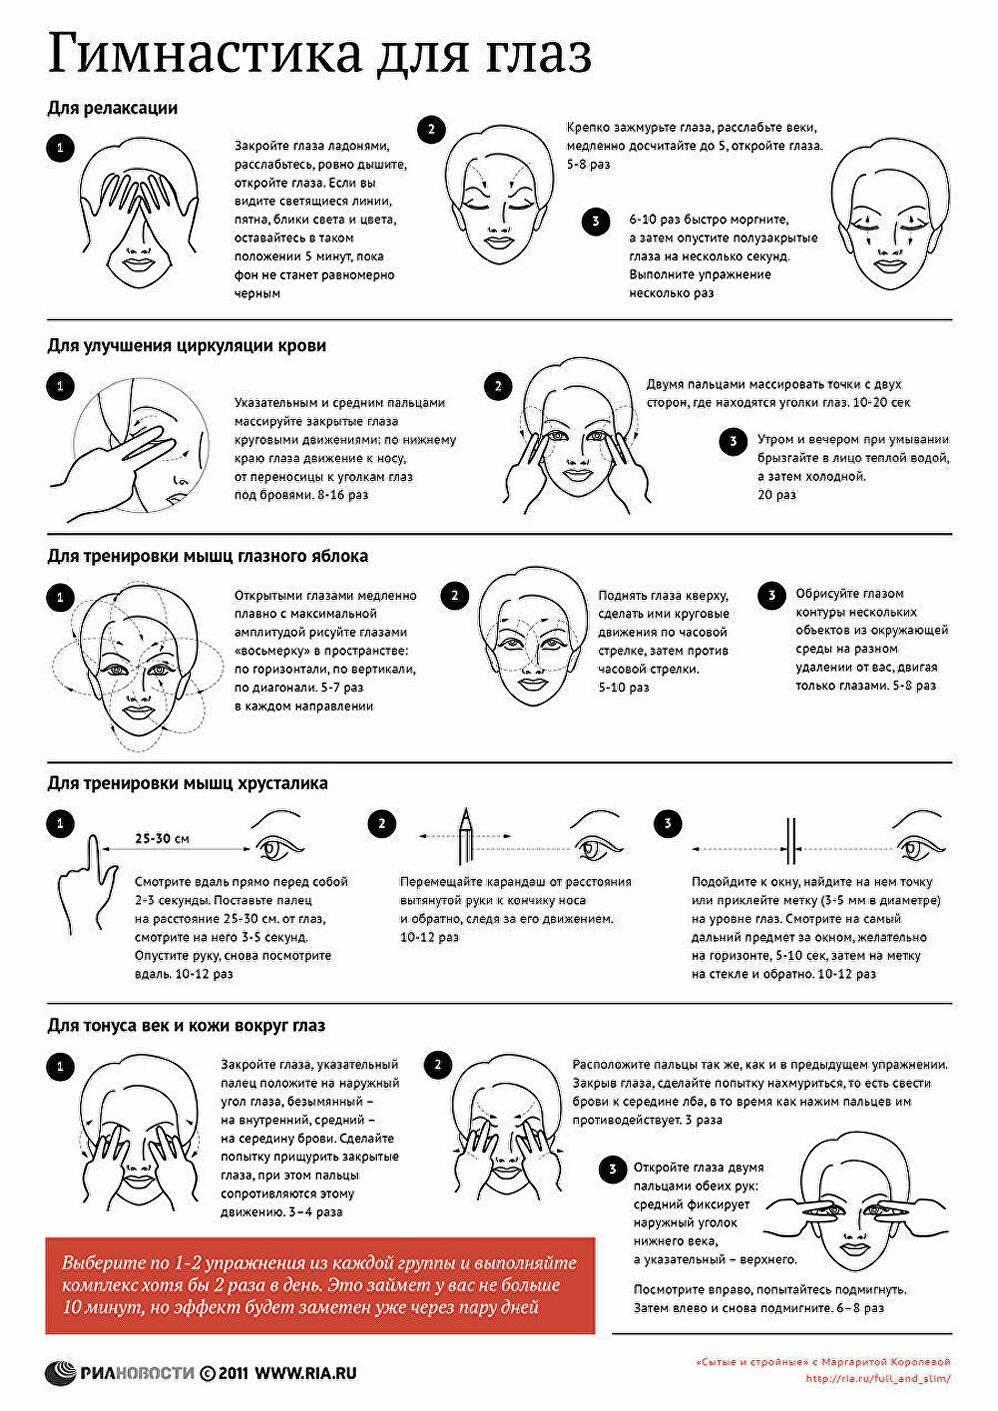 Гимнастика для глаз по норбекову, аветисову, жданову, бейтсу. упражнения при близорукости, дальнозоркости, астигматизме, глаукоме